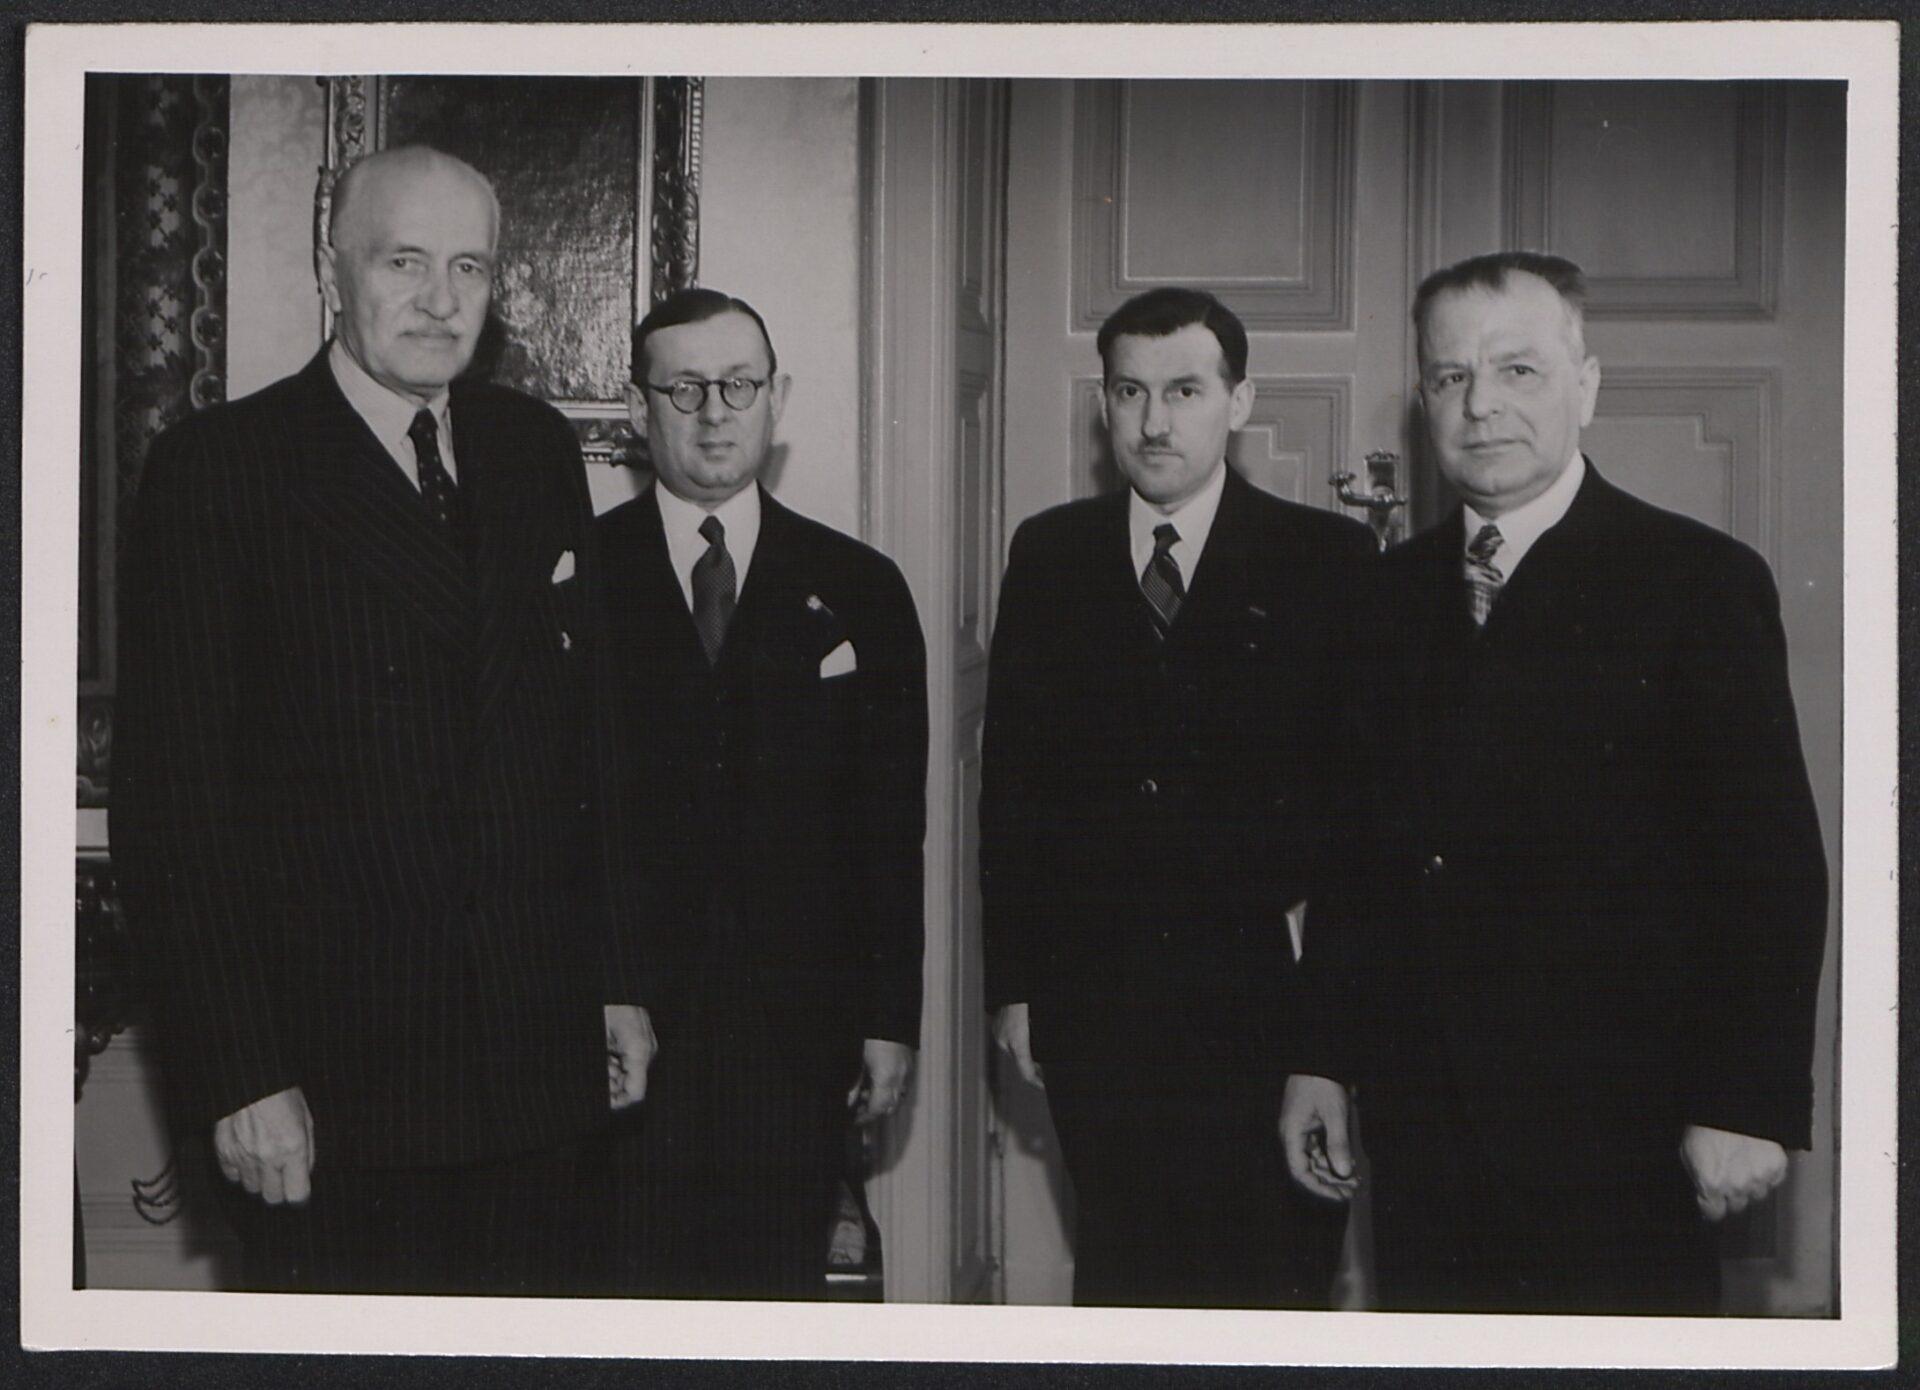 Delegacja Zarządu Społem u prezydenta Ignacego Mościckiego w 1936 r. Źródło: Narodowa Biblioteka Cyfrowa Polona.